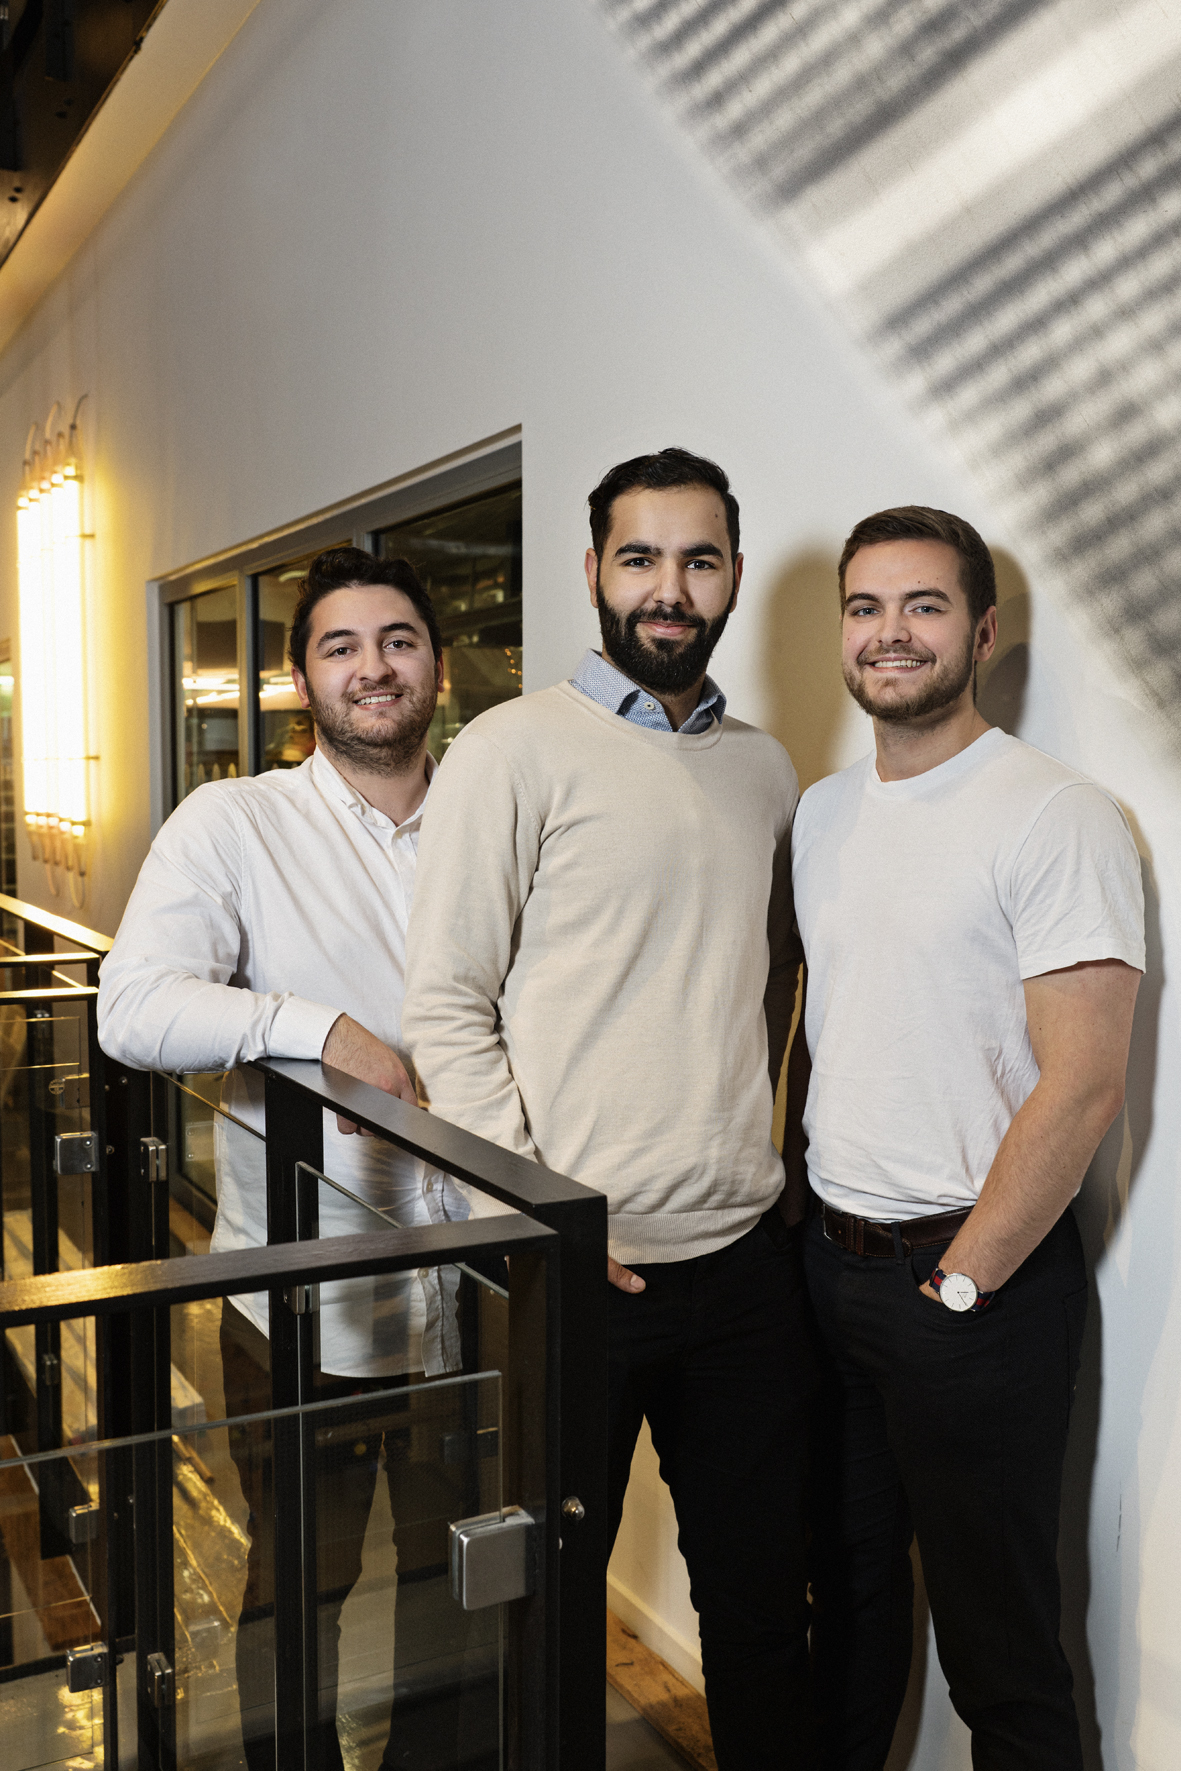 Servet Coskun, Christopher Weis Thomasen og Erkan Taskiran er ildslæjene bag Seasony.